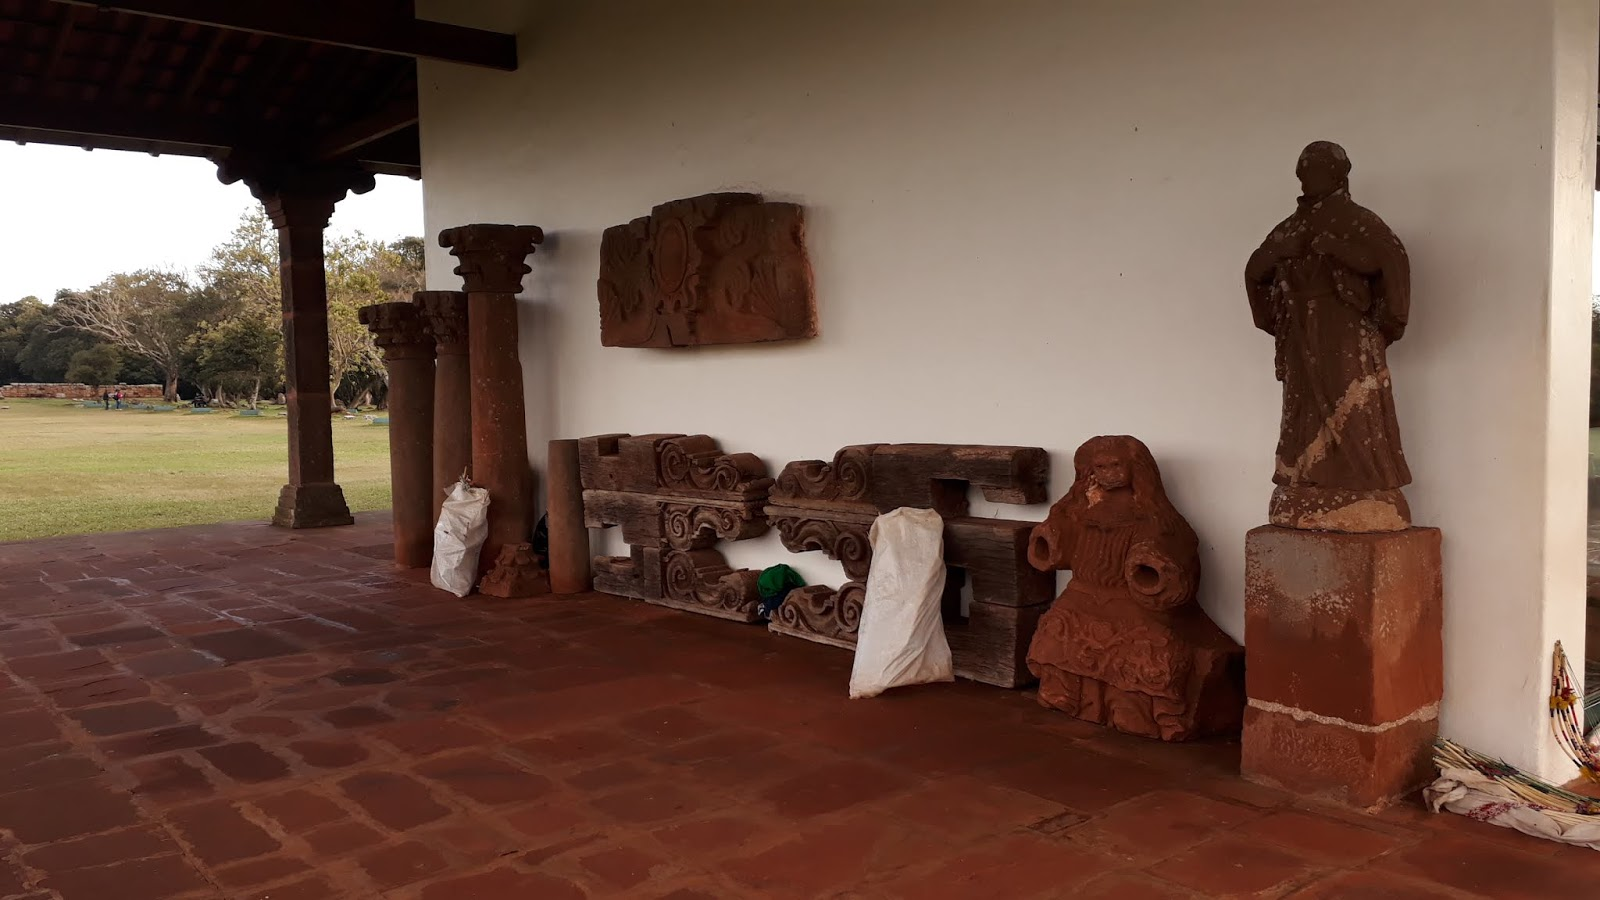 Acervo externo do Museu das Missões Jesuíticas